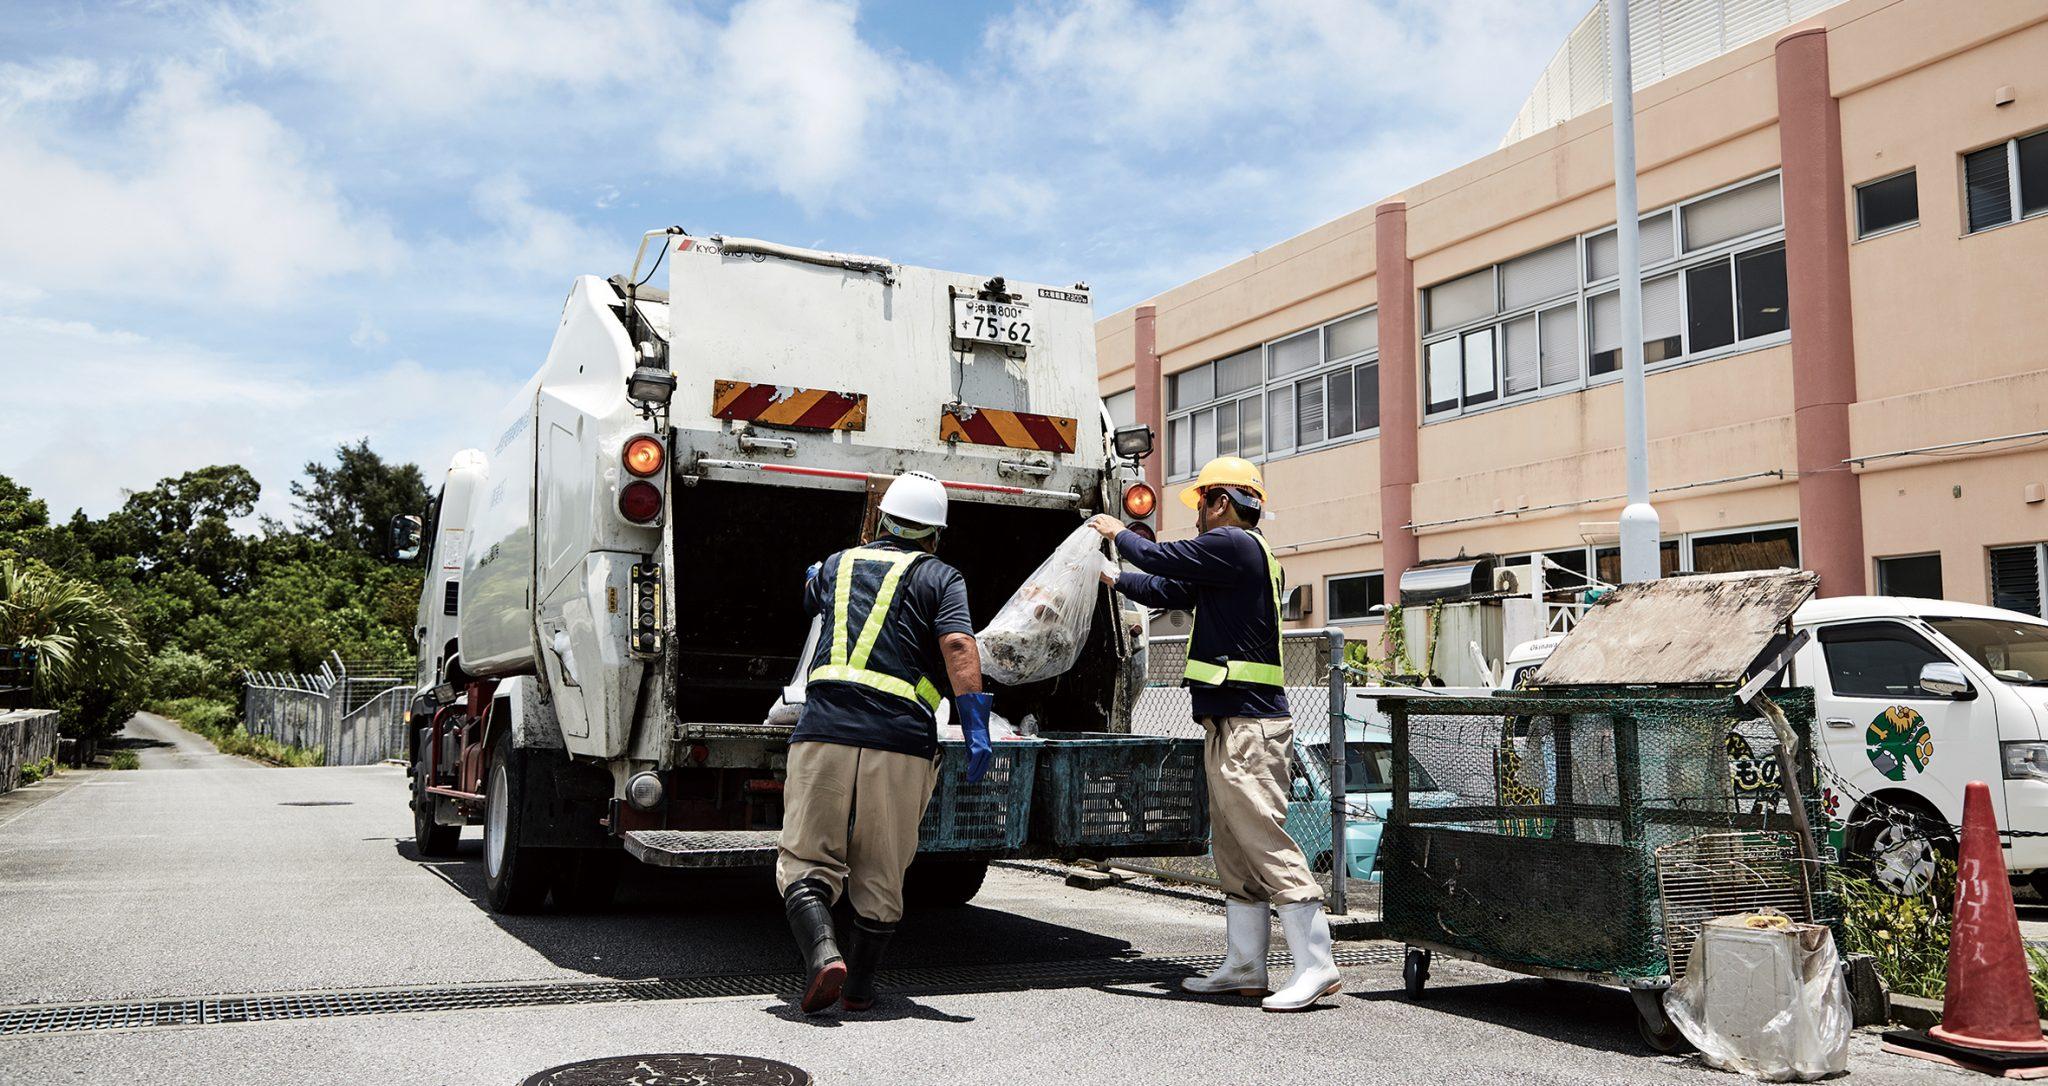 ゴミ回収の様子